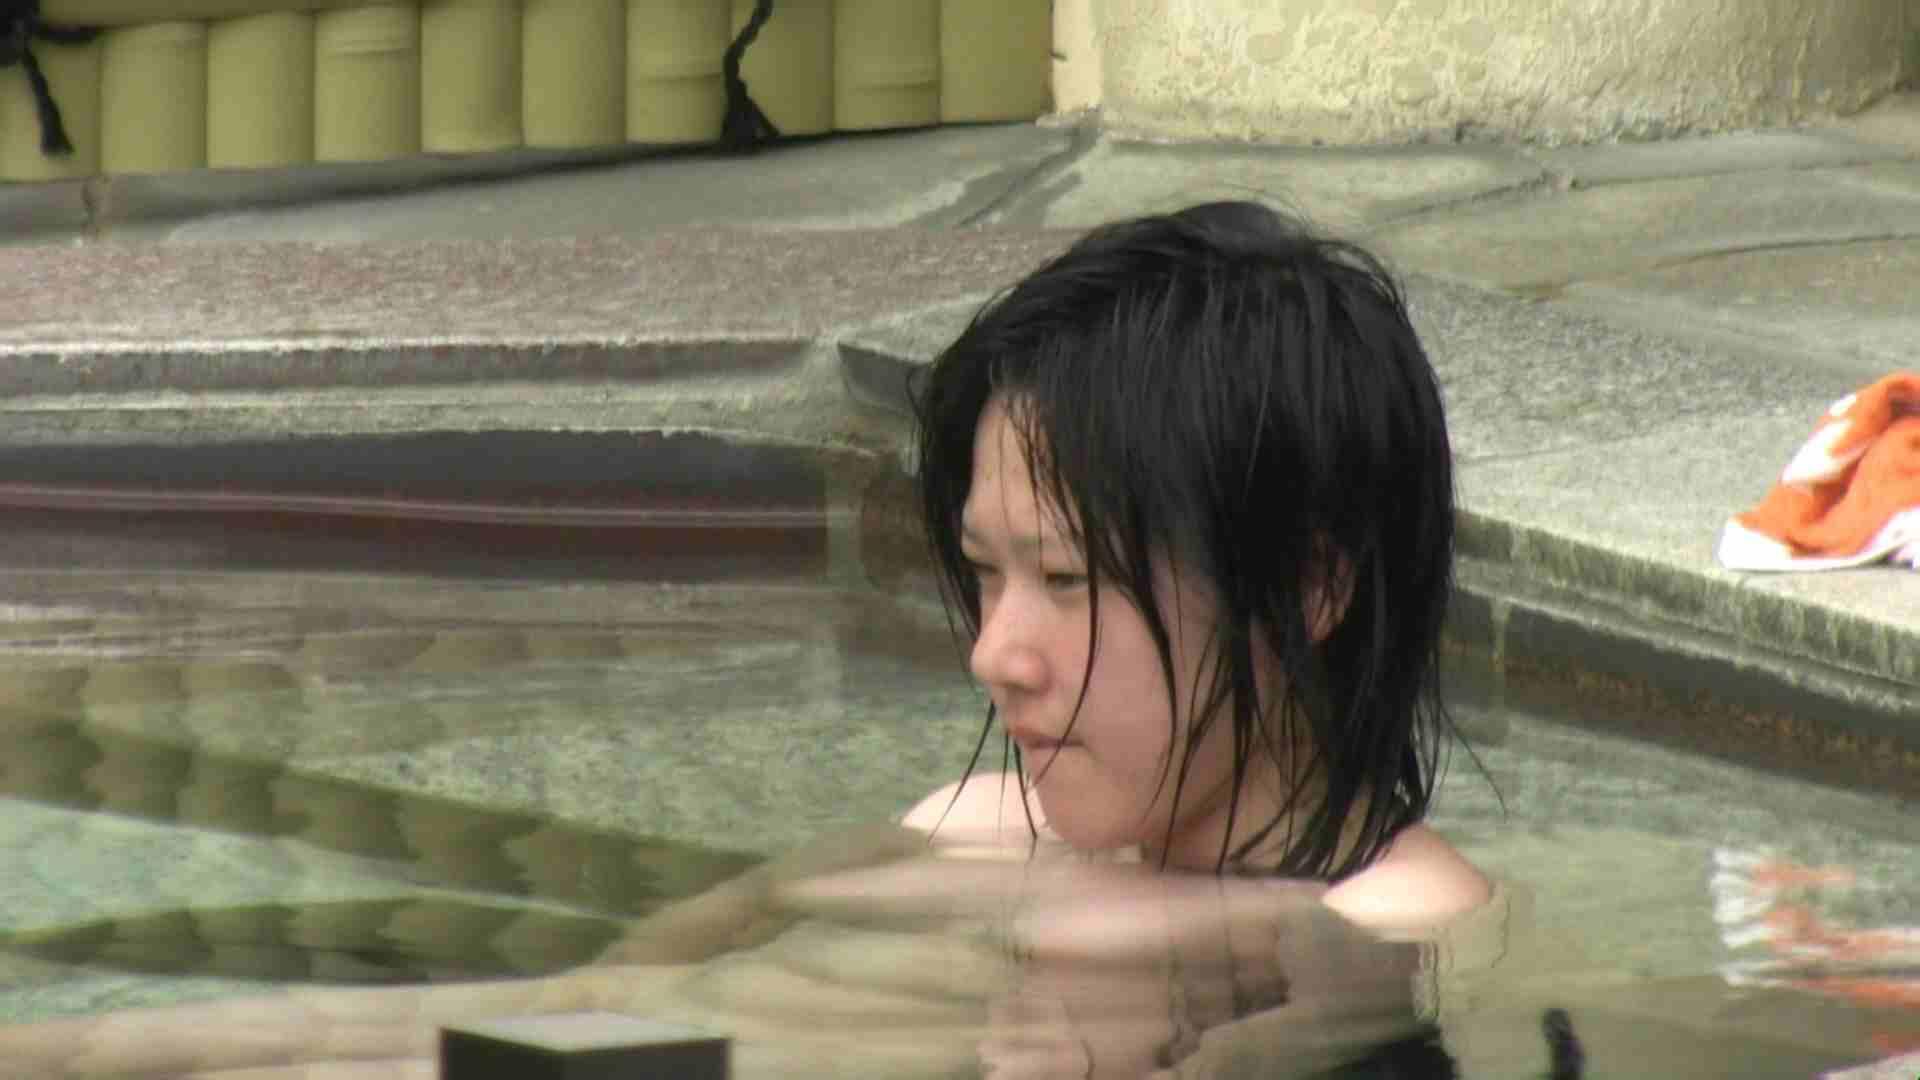 Aquaな露天風呂Vol.36 0  50pic 24